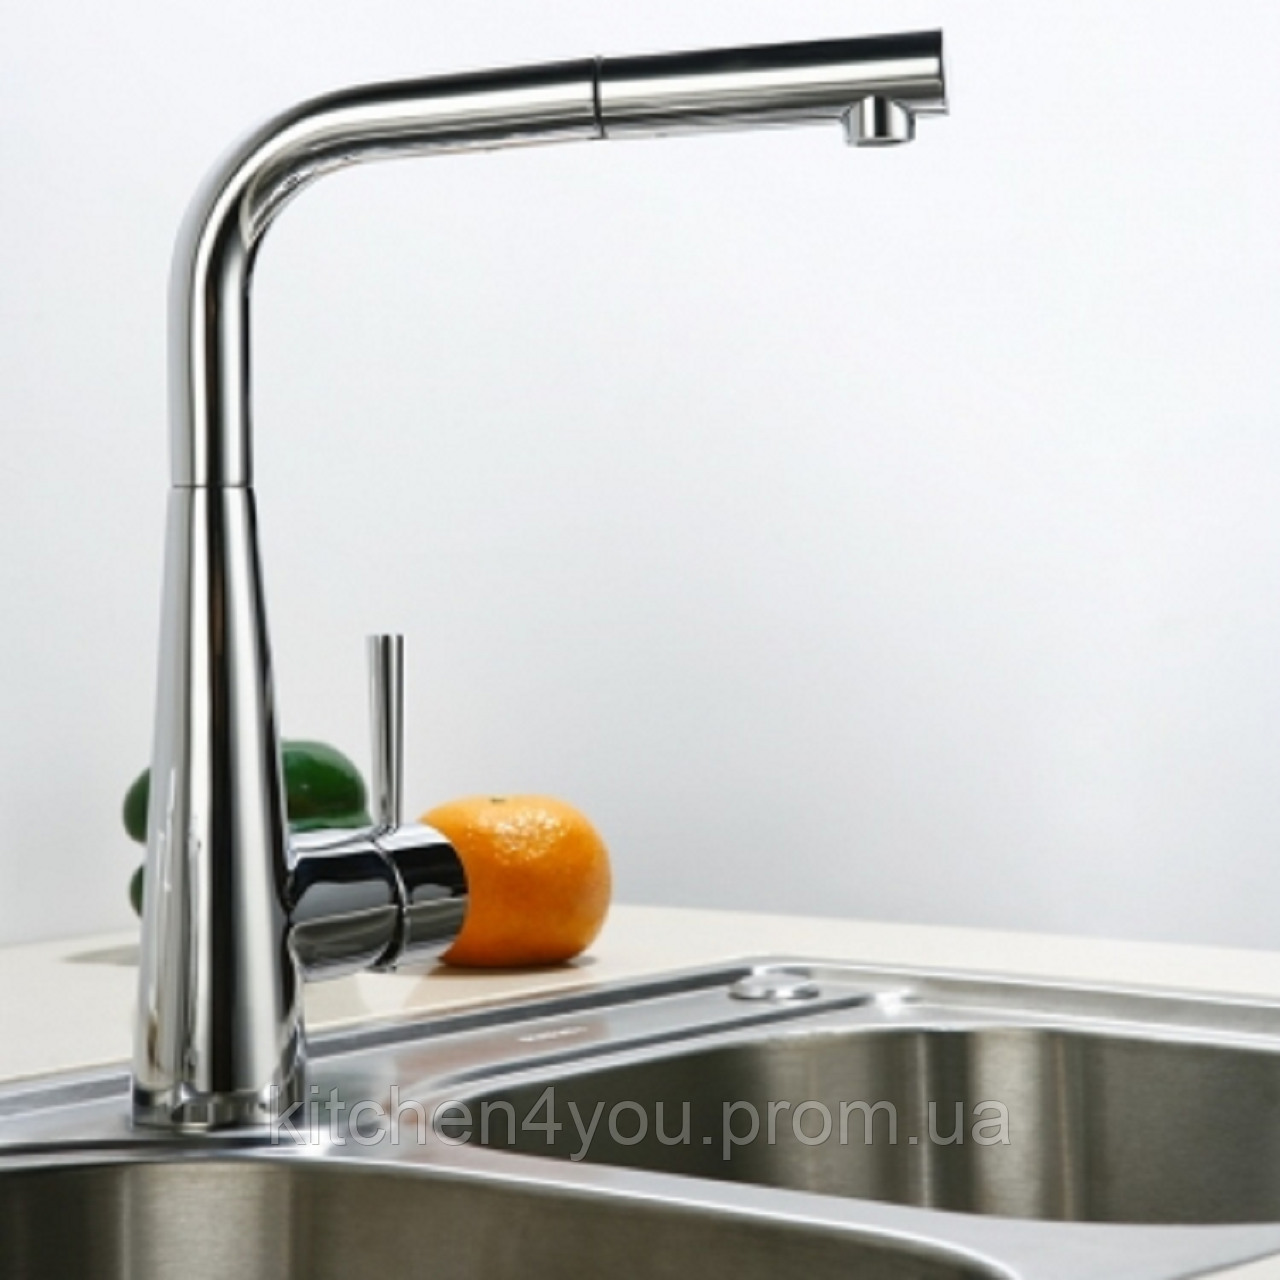 Однозахватный кухонный смеситель Blue Water Польша Art Platino Miros Chrom с выдвижным душем